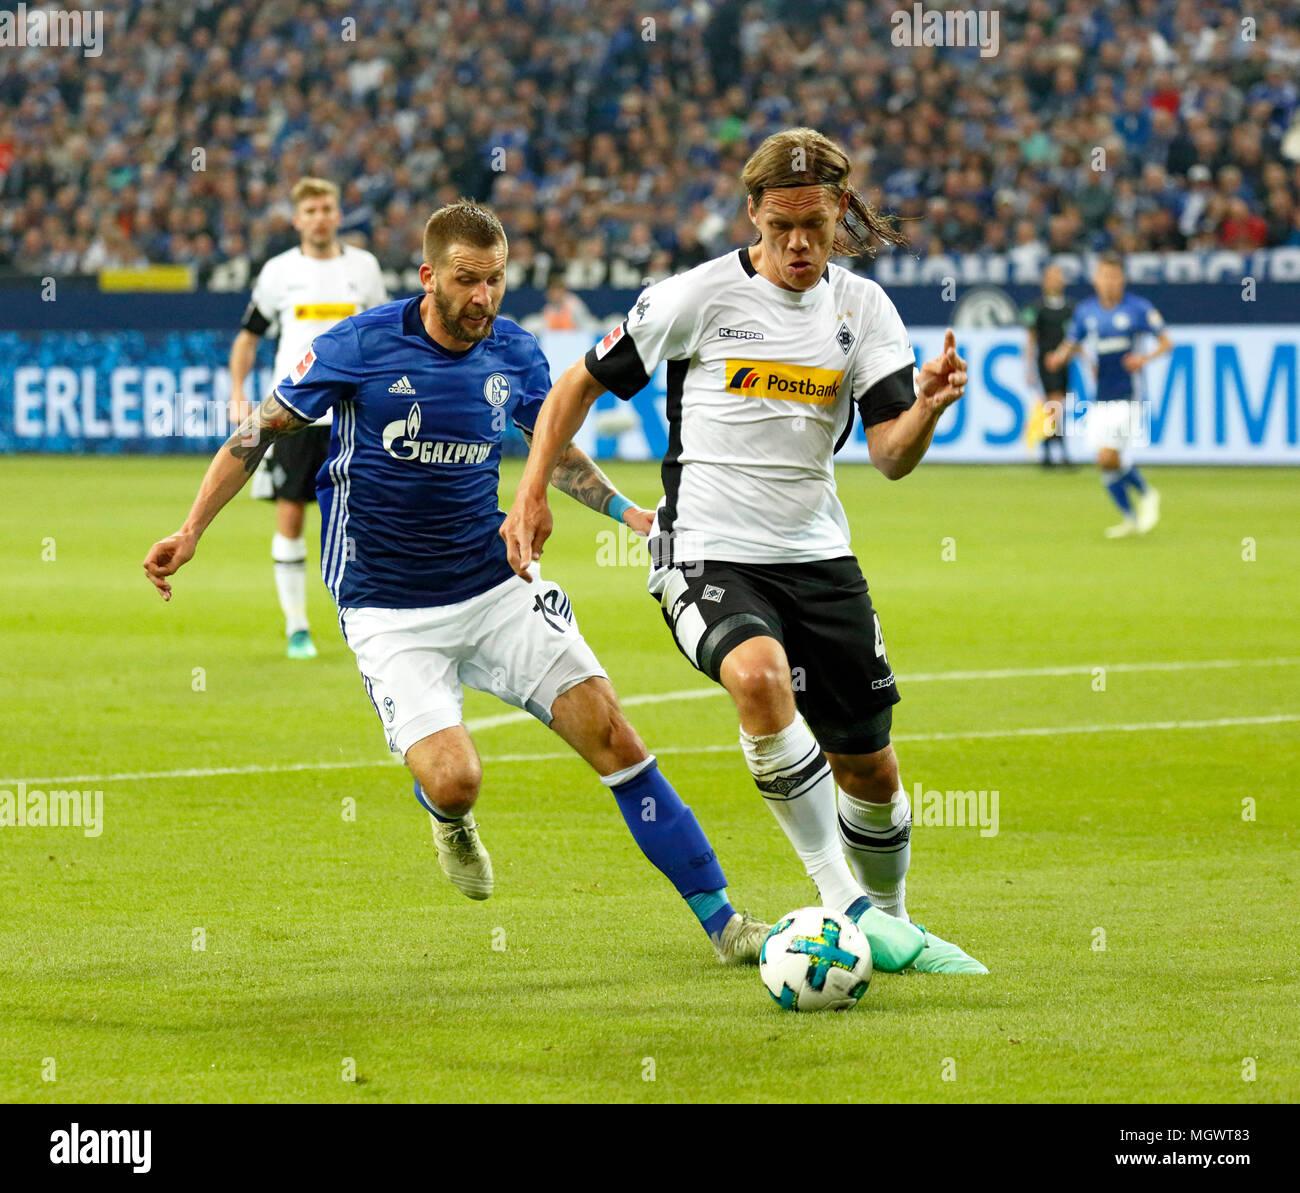 sports, football, Bundesliga, 2017/2018, FC Schalke 04 vs Borussia Moenchengladbach 1:1, Veltins Arena Gelsenkirchen, scene of the match, Jannik Vestergaard (MG) right in ball possession, left Guido Burgstaller (S04) - Stock Image